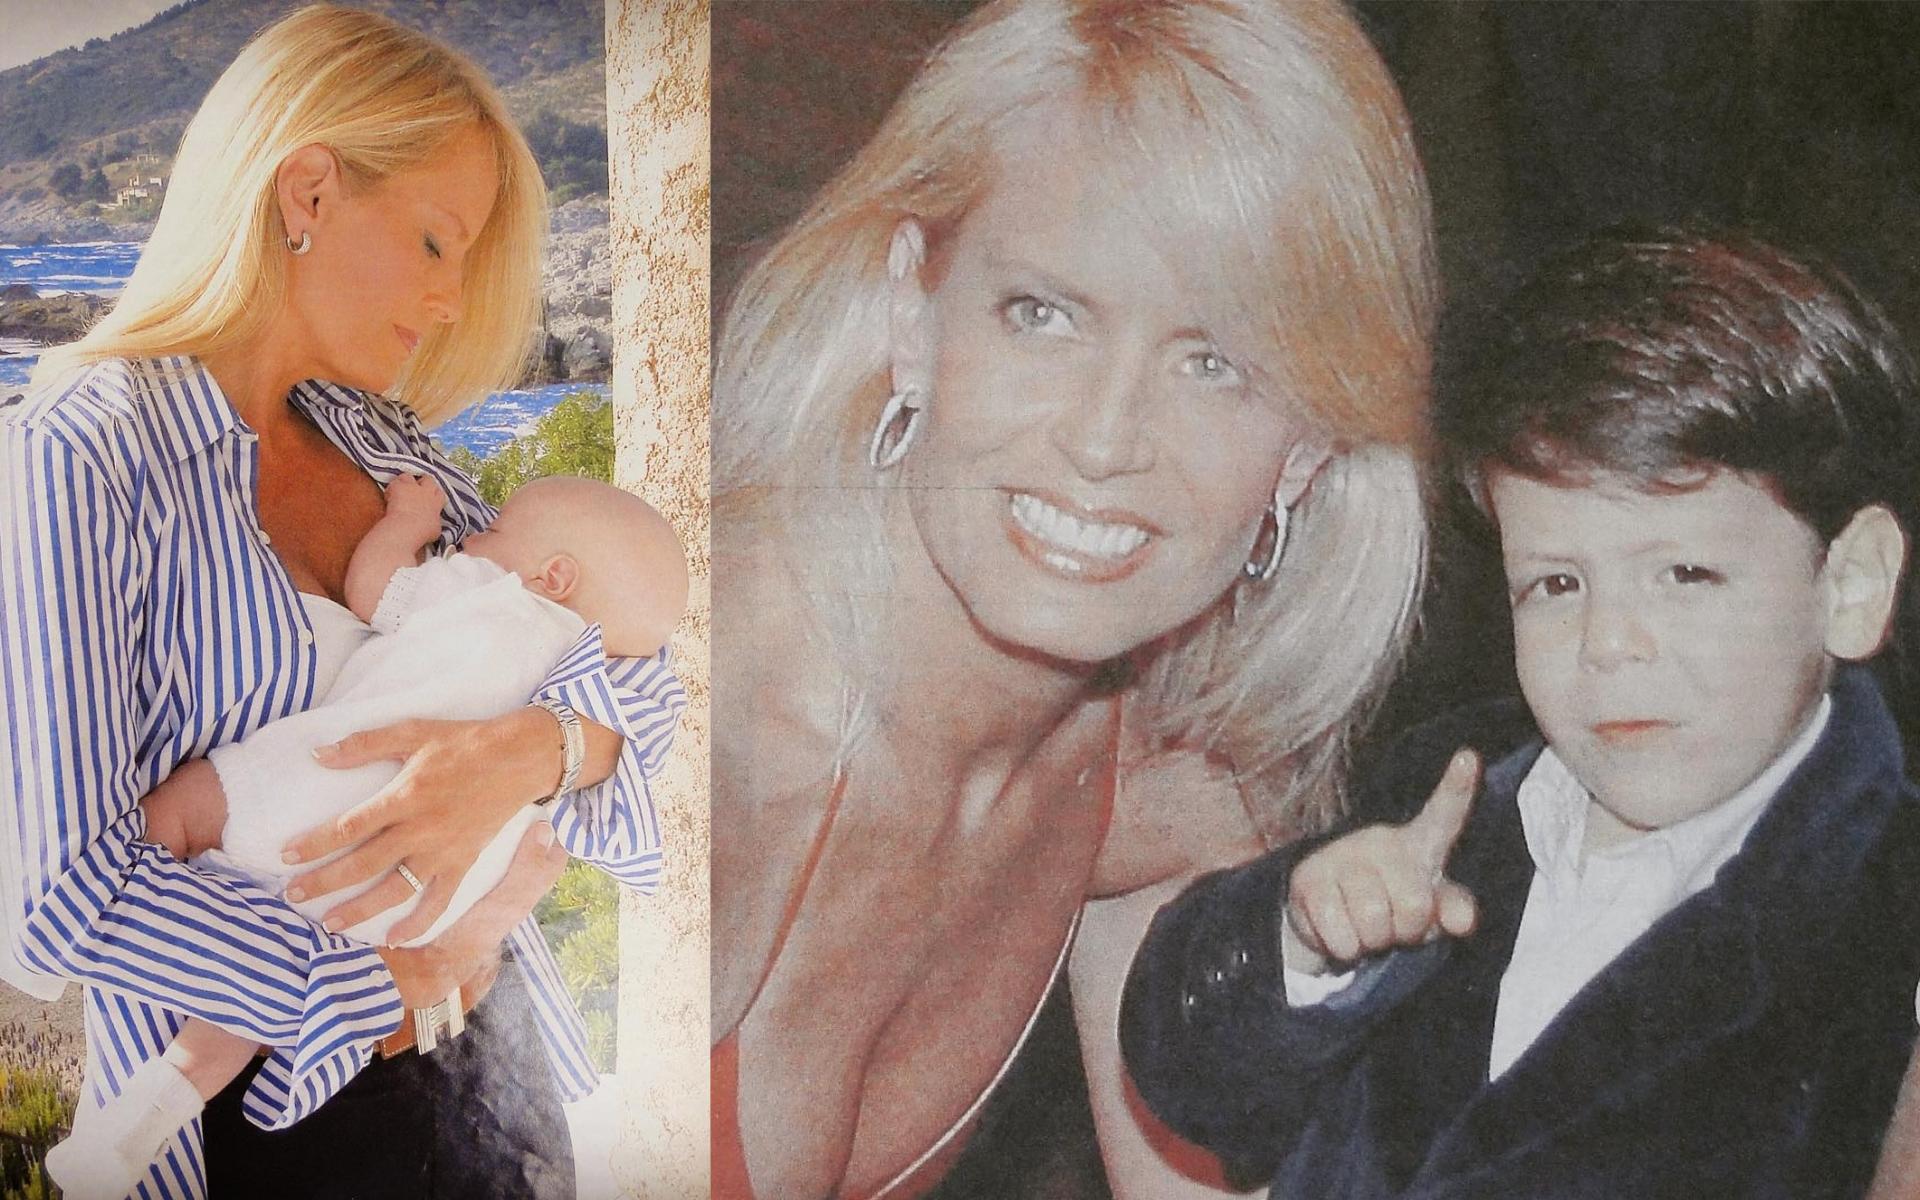 Cecilia Bolocco y Máximo recién nacido y ya convertido en un nene. (Fotos Instagram)